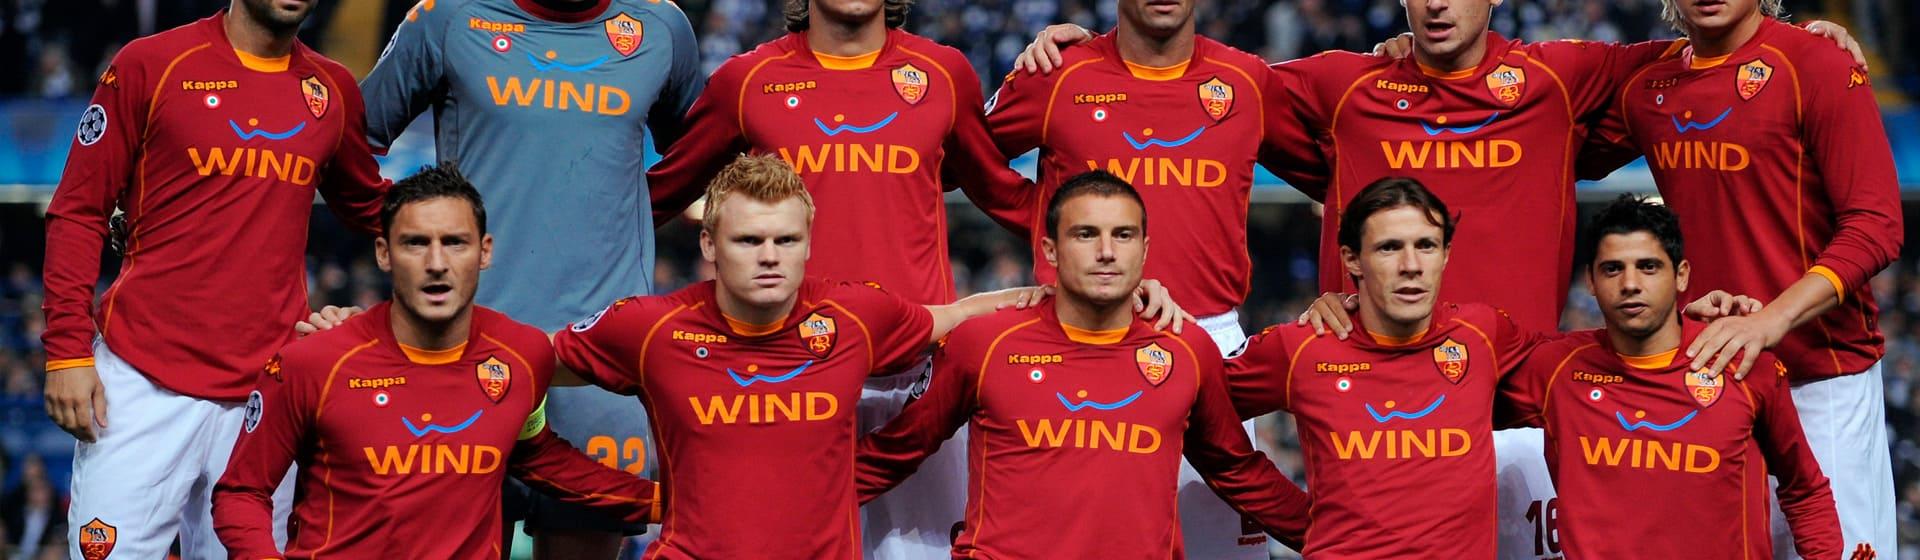 AS Roma - Мерч и одежда с атрибутикой